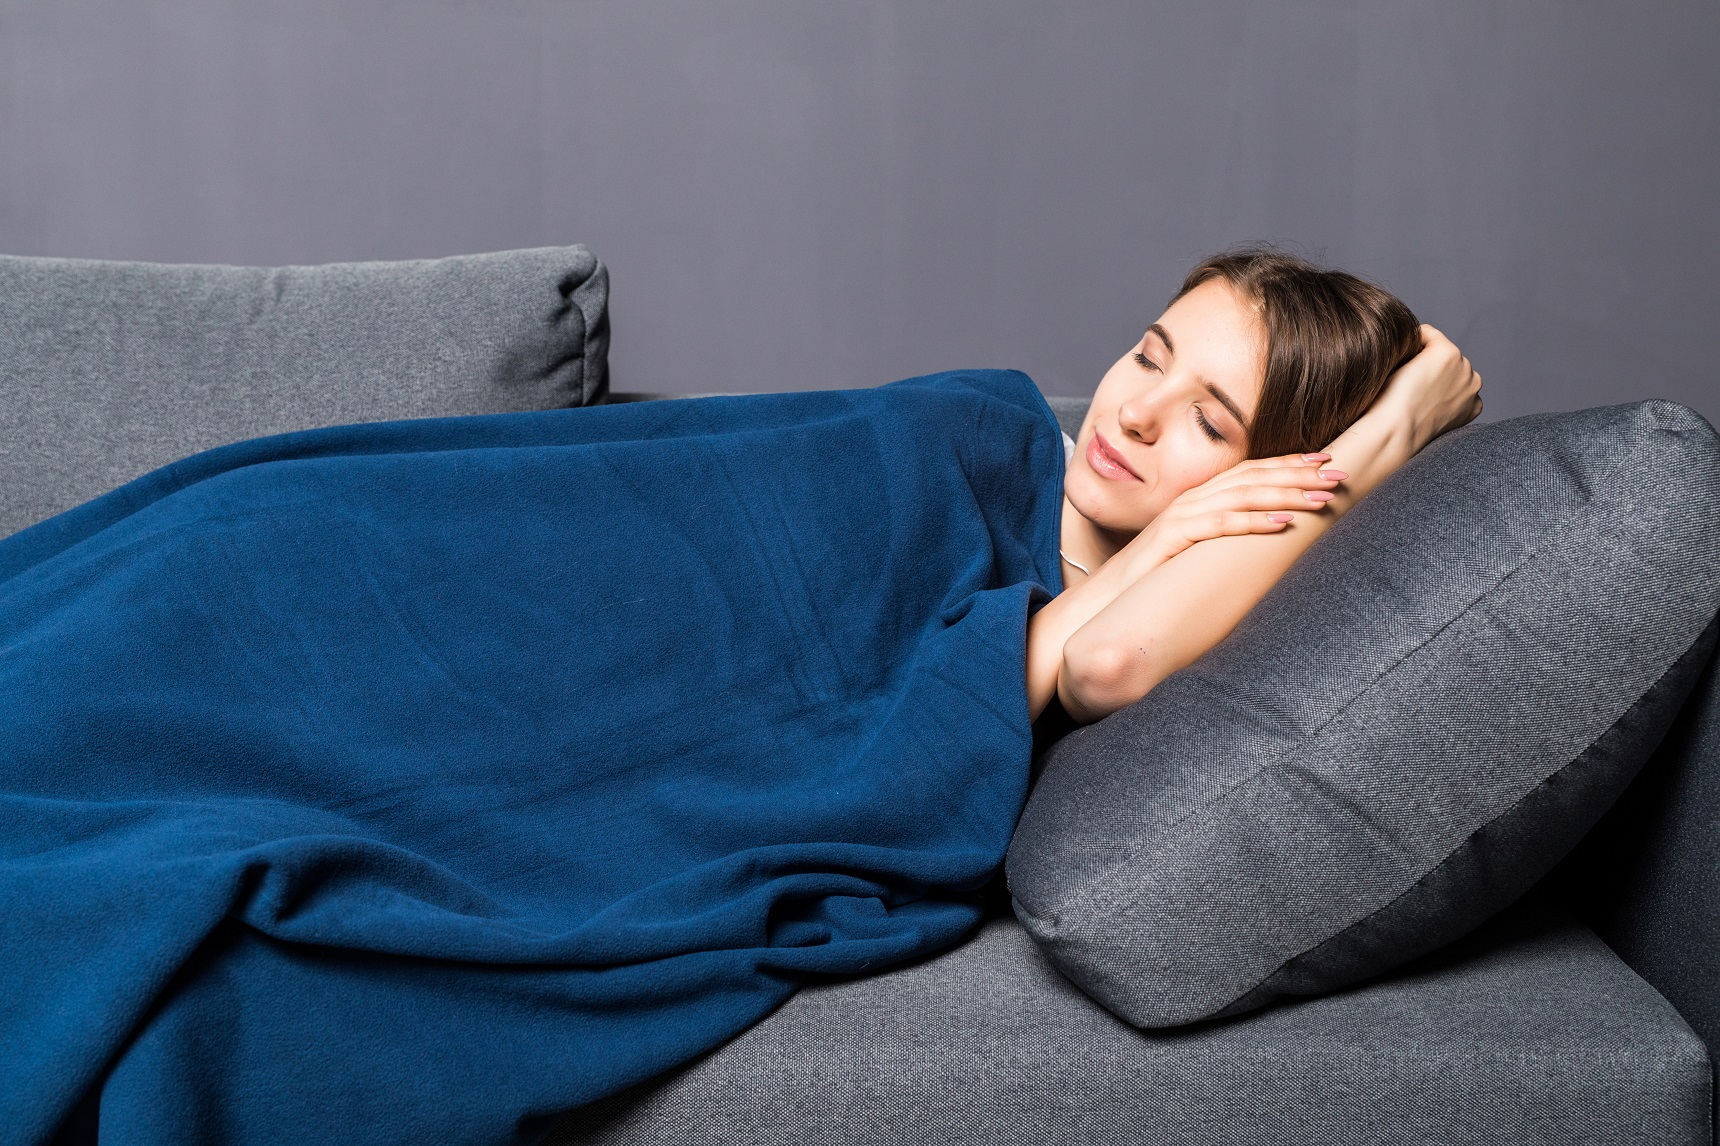 Покрывало или плед в интерьере спальни